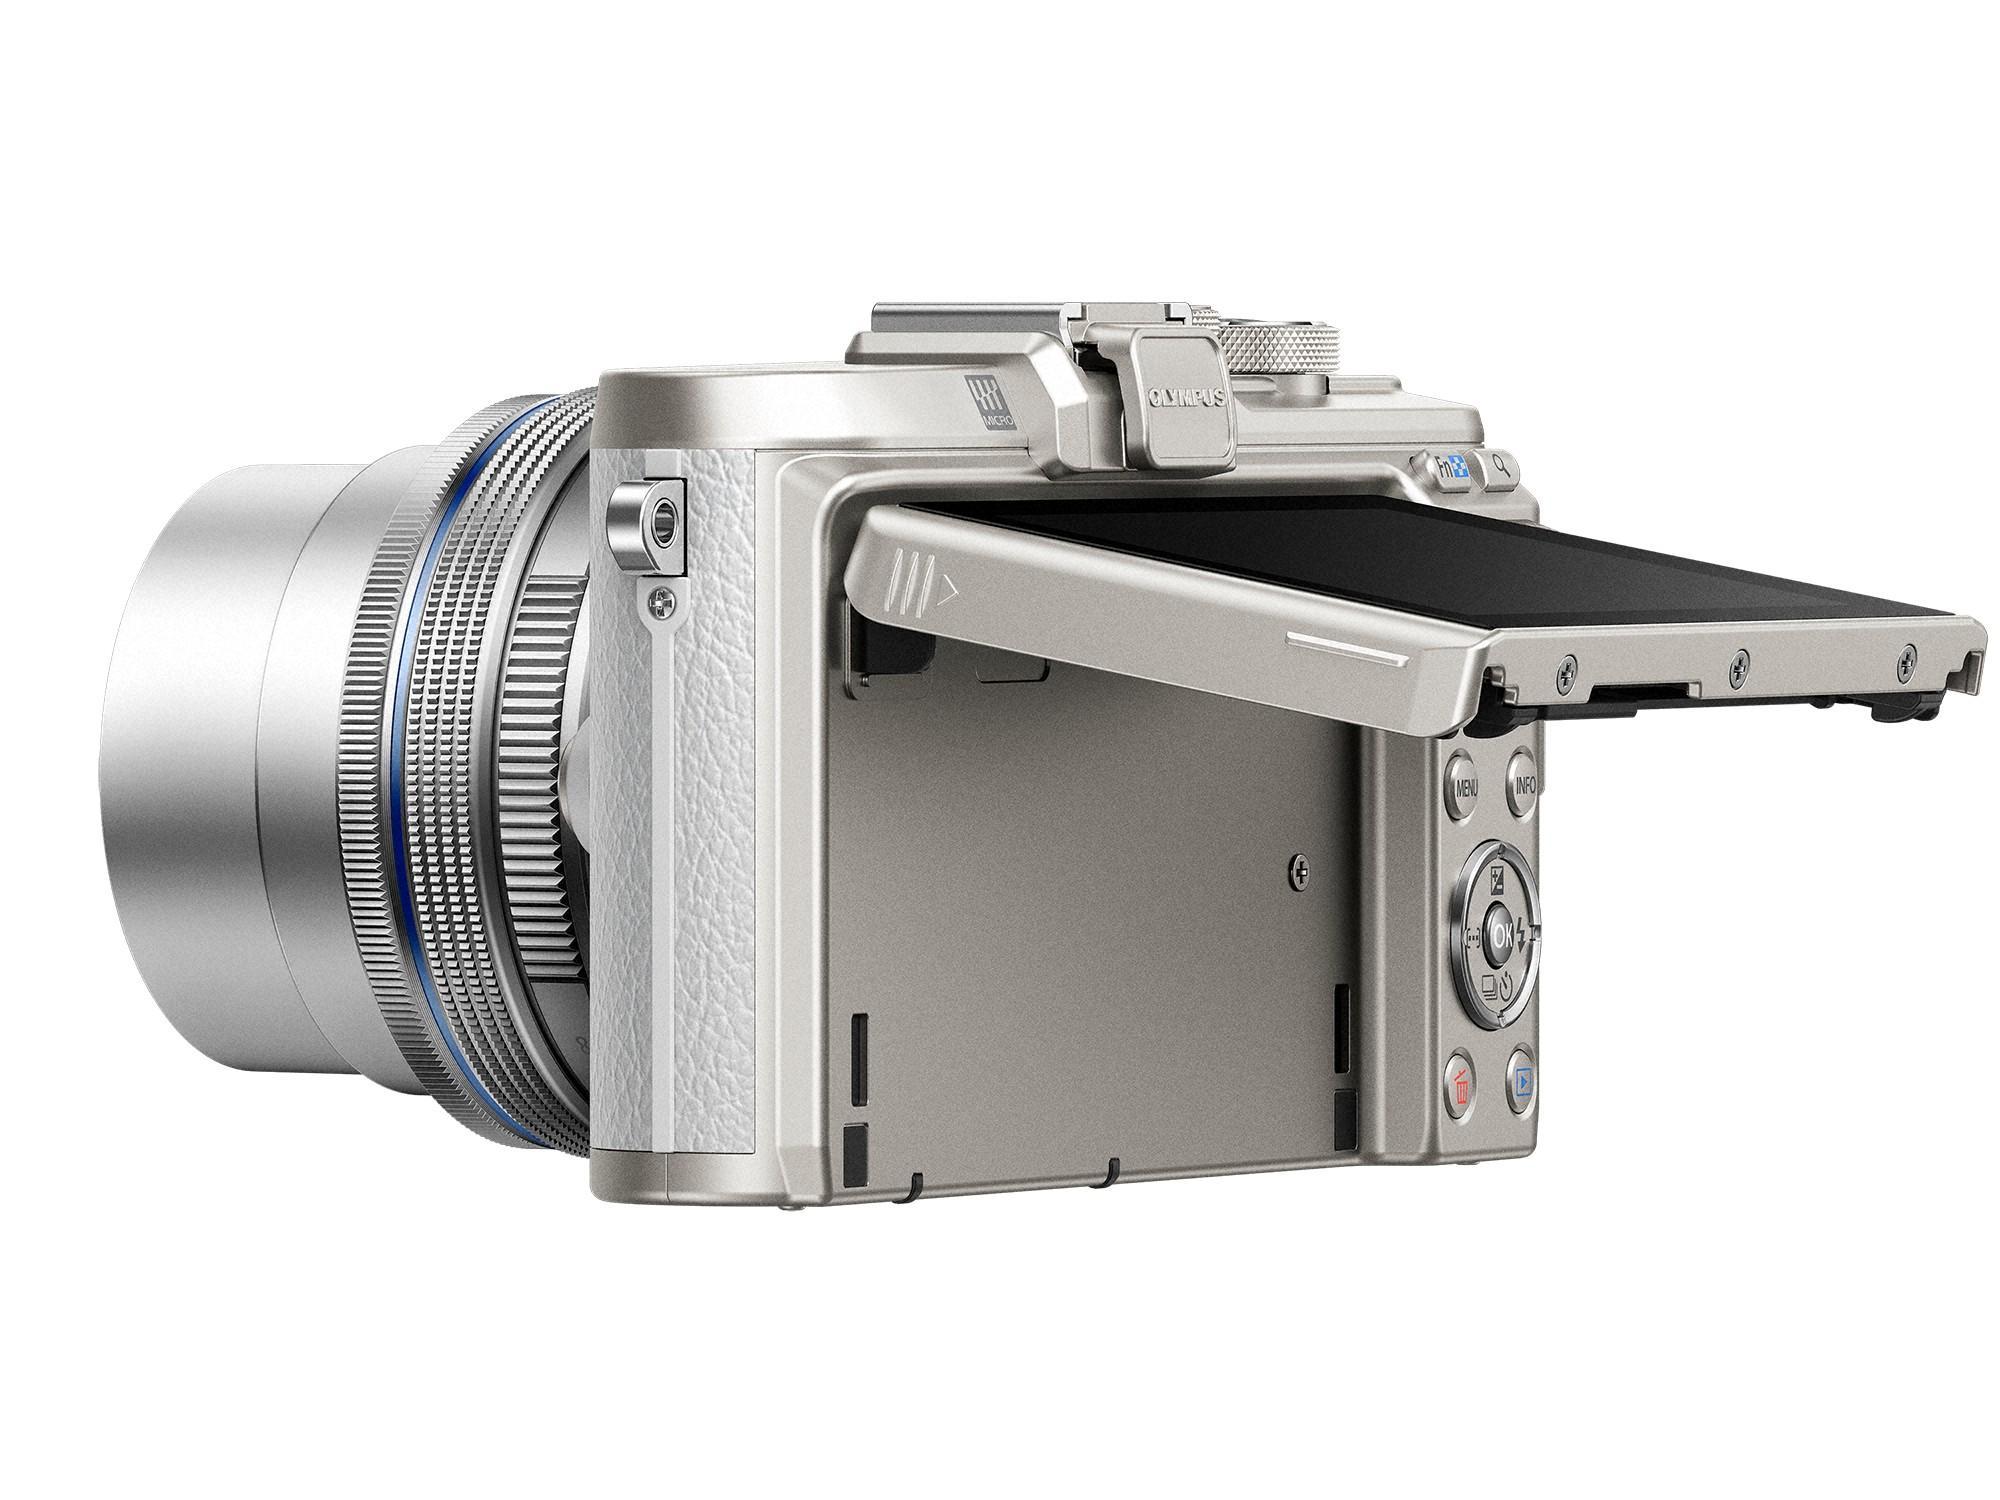 E-PL8-WHT_tilt-hside_M14-42mmEZ-SLV.jpg